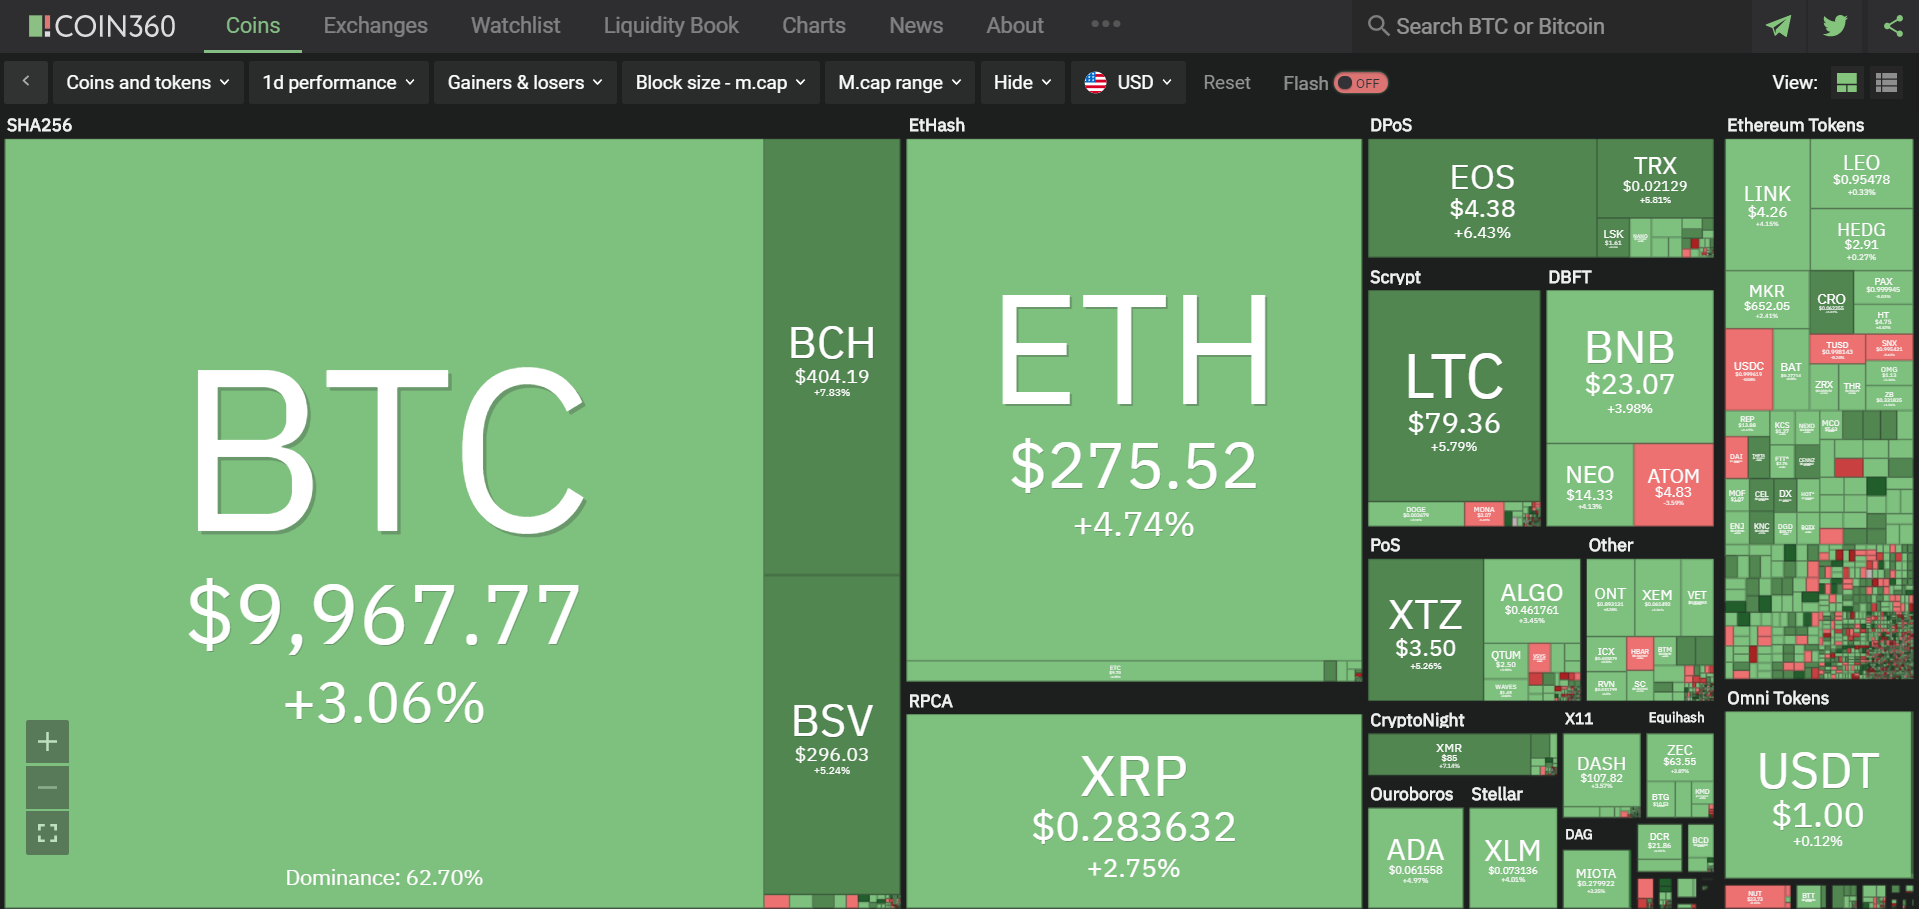 Toàn cảnh thị trường tiền kĩ thuật số hôm nay (24/2) (Nguồn: Coin360.com)